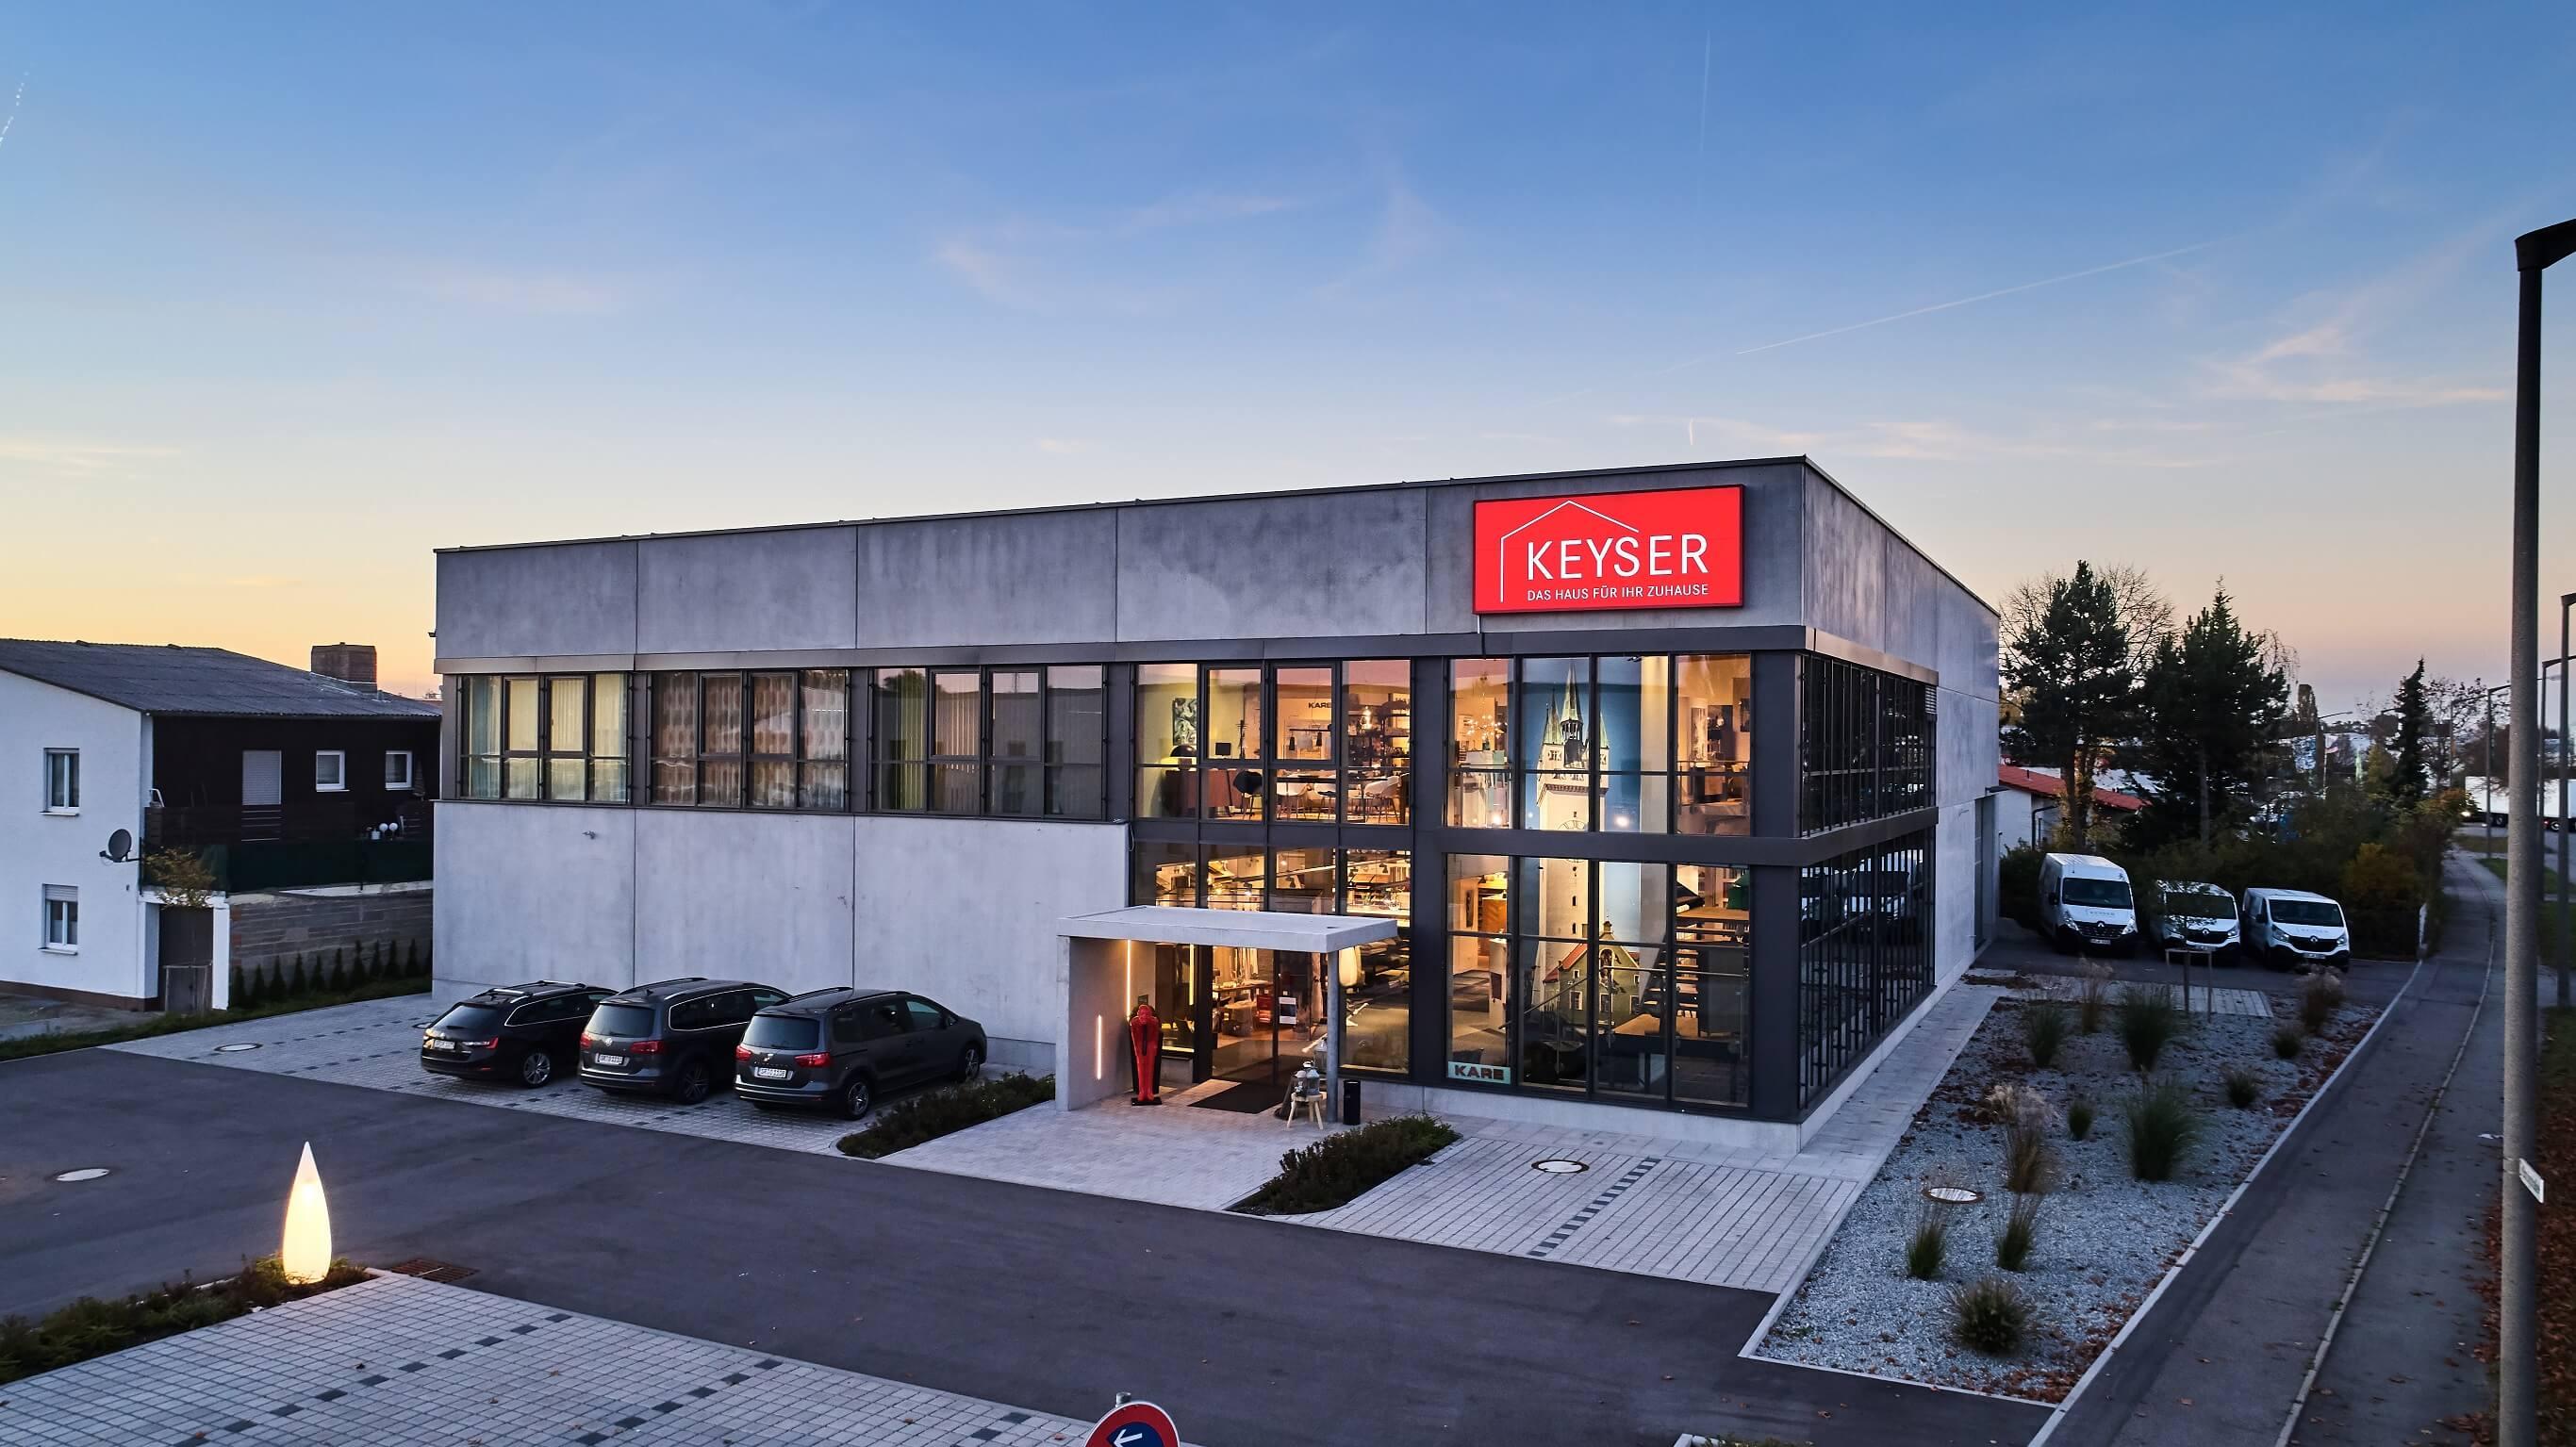 Der Raumausstatter Keyser Das Haus Fur Ihr Zuhause In Straubing